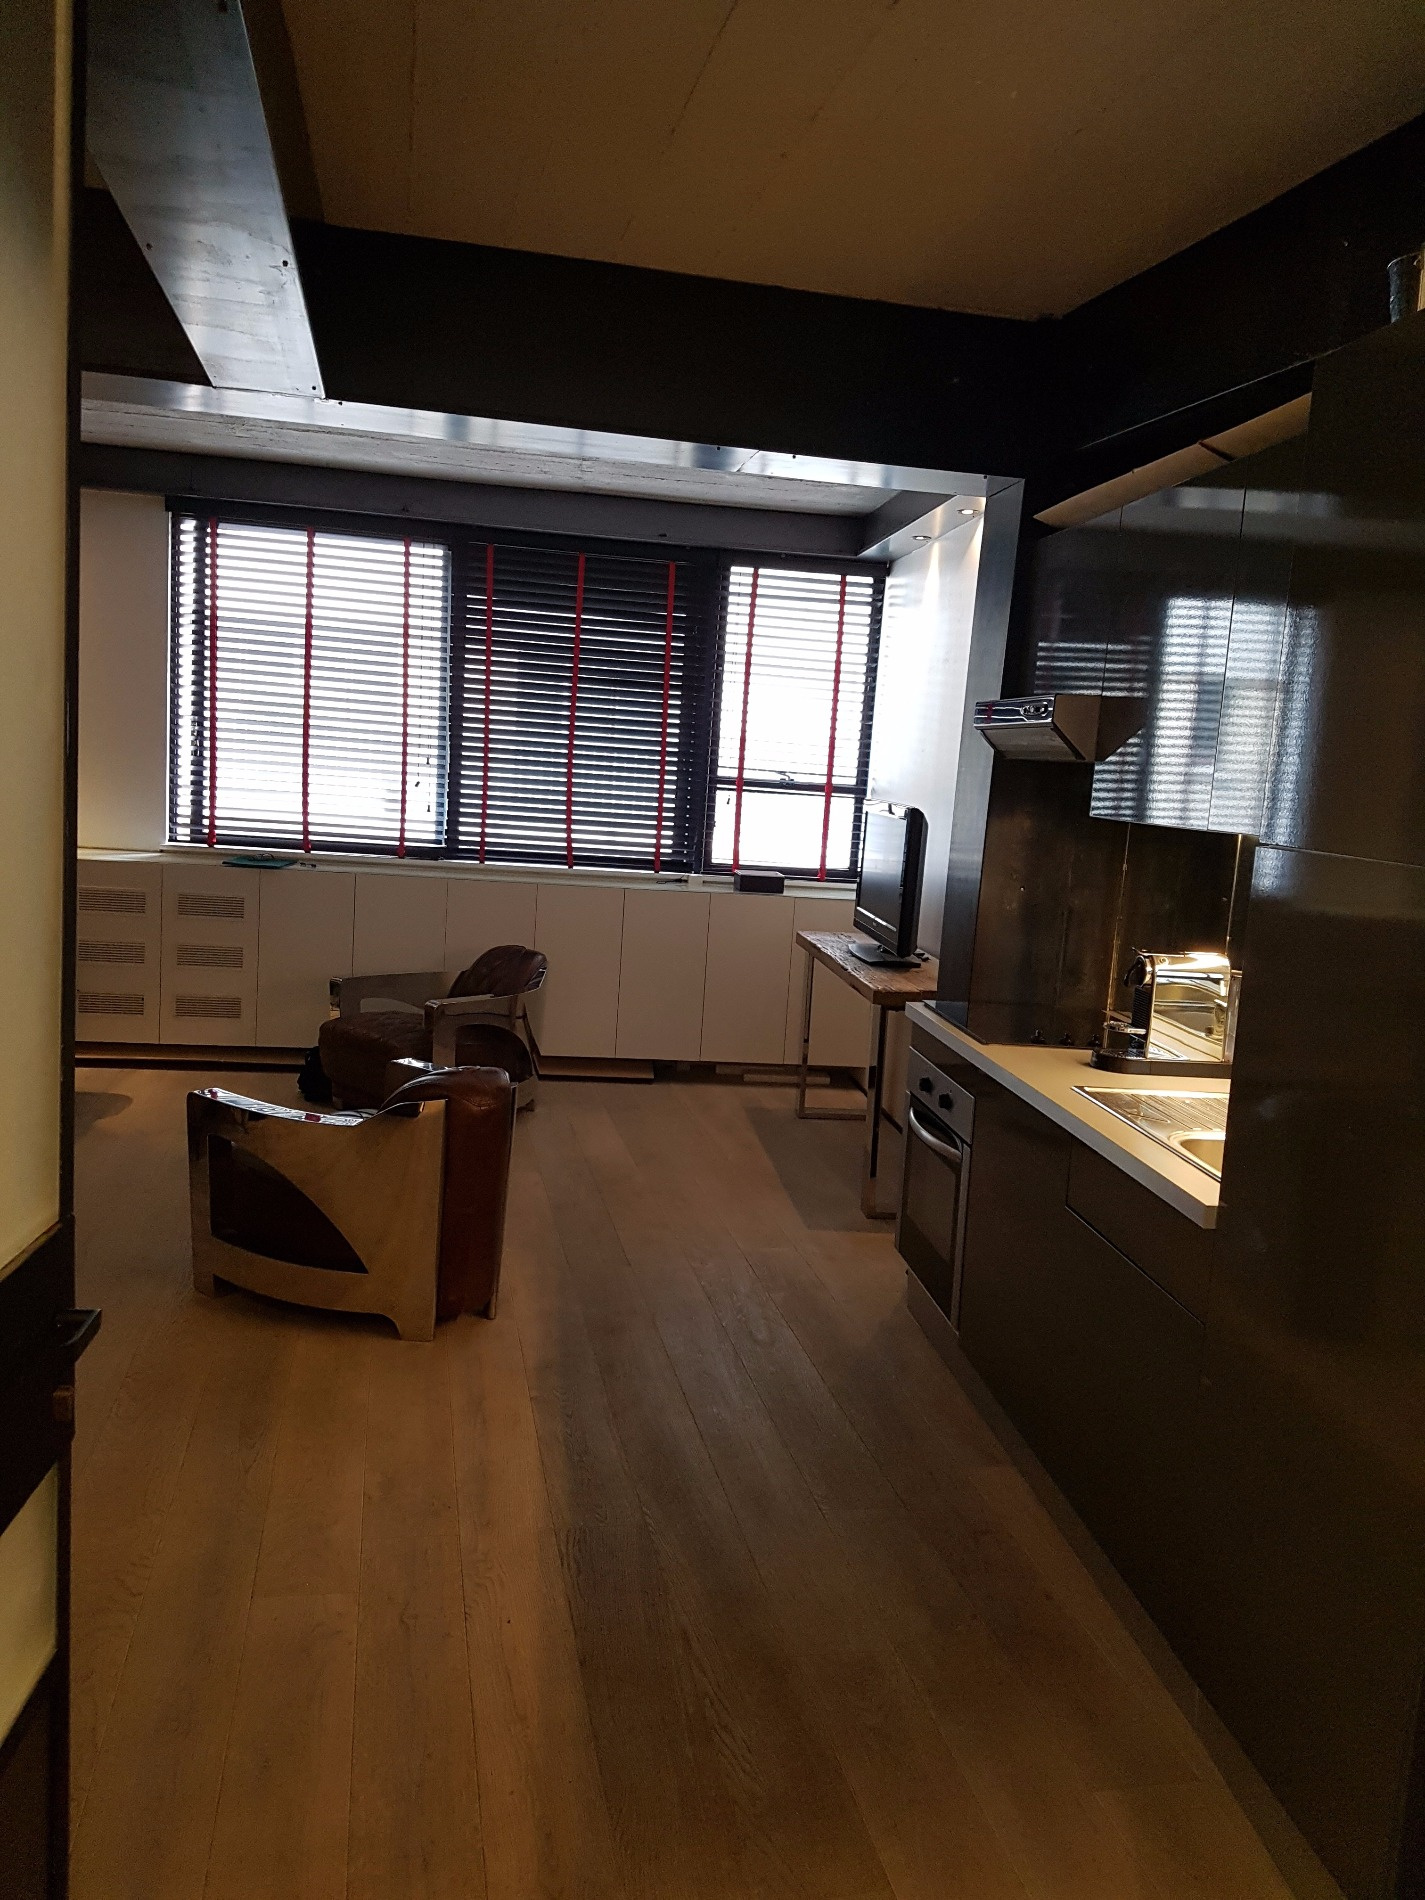 annonce vente viager paris 15 34 m 328 000 992739770394. Black Bedroom Furniture Sets. Home Design Ideas